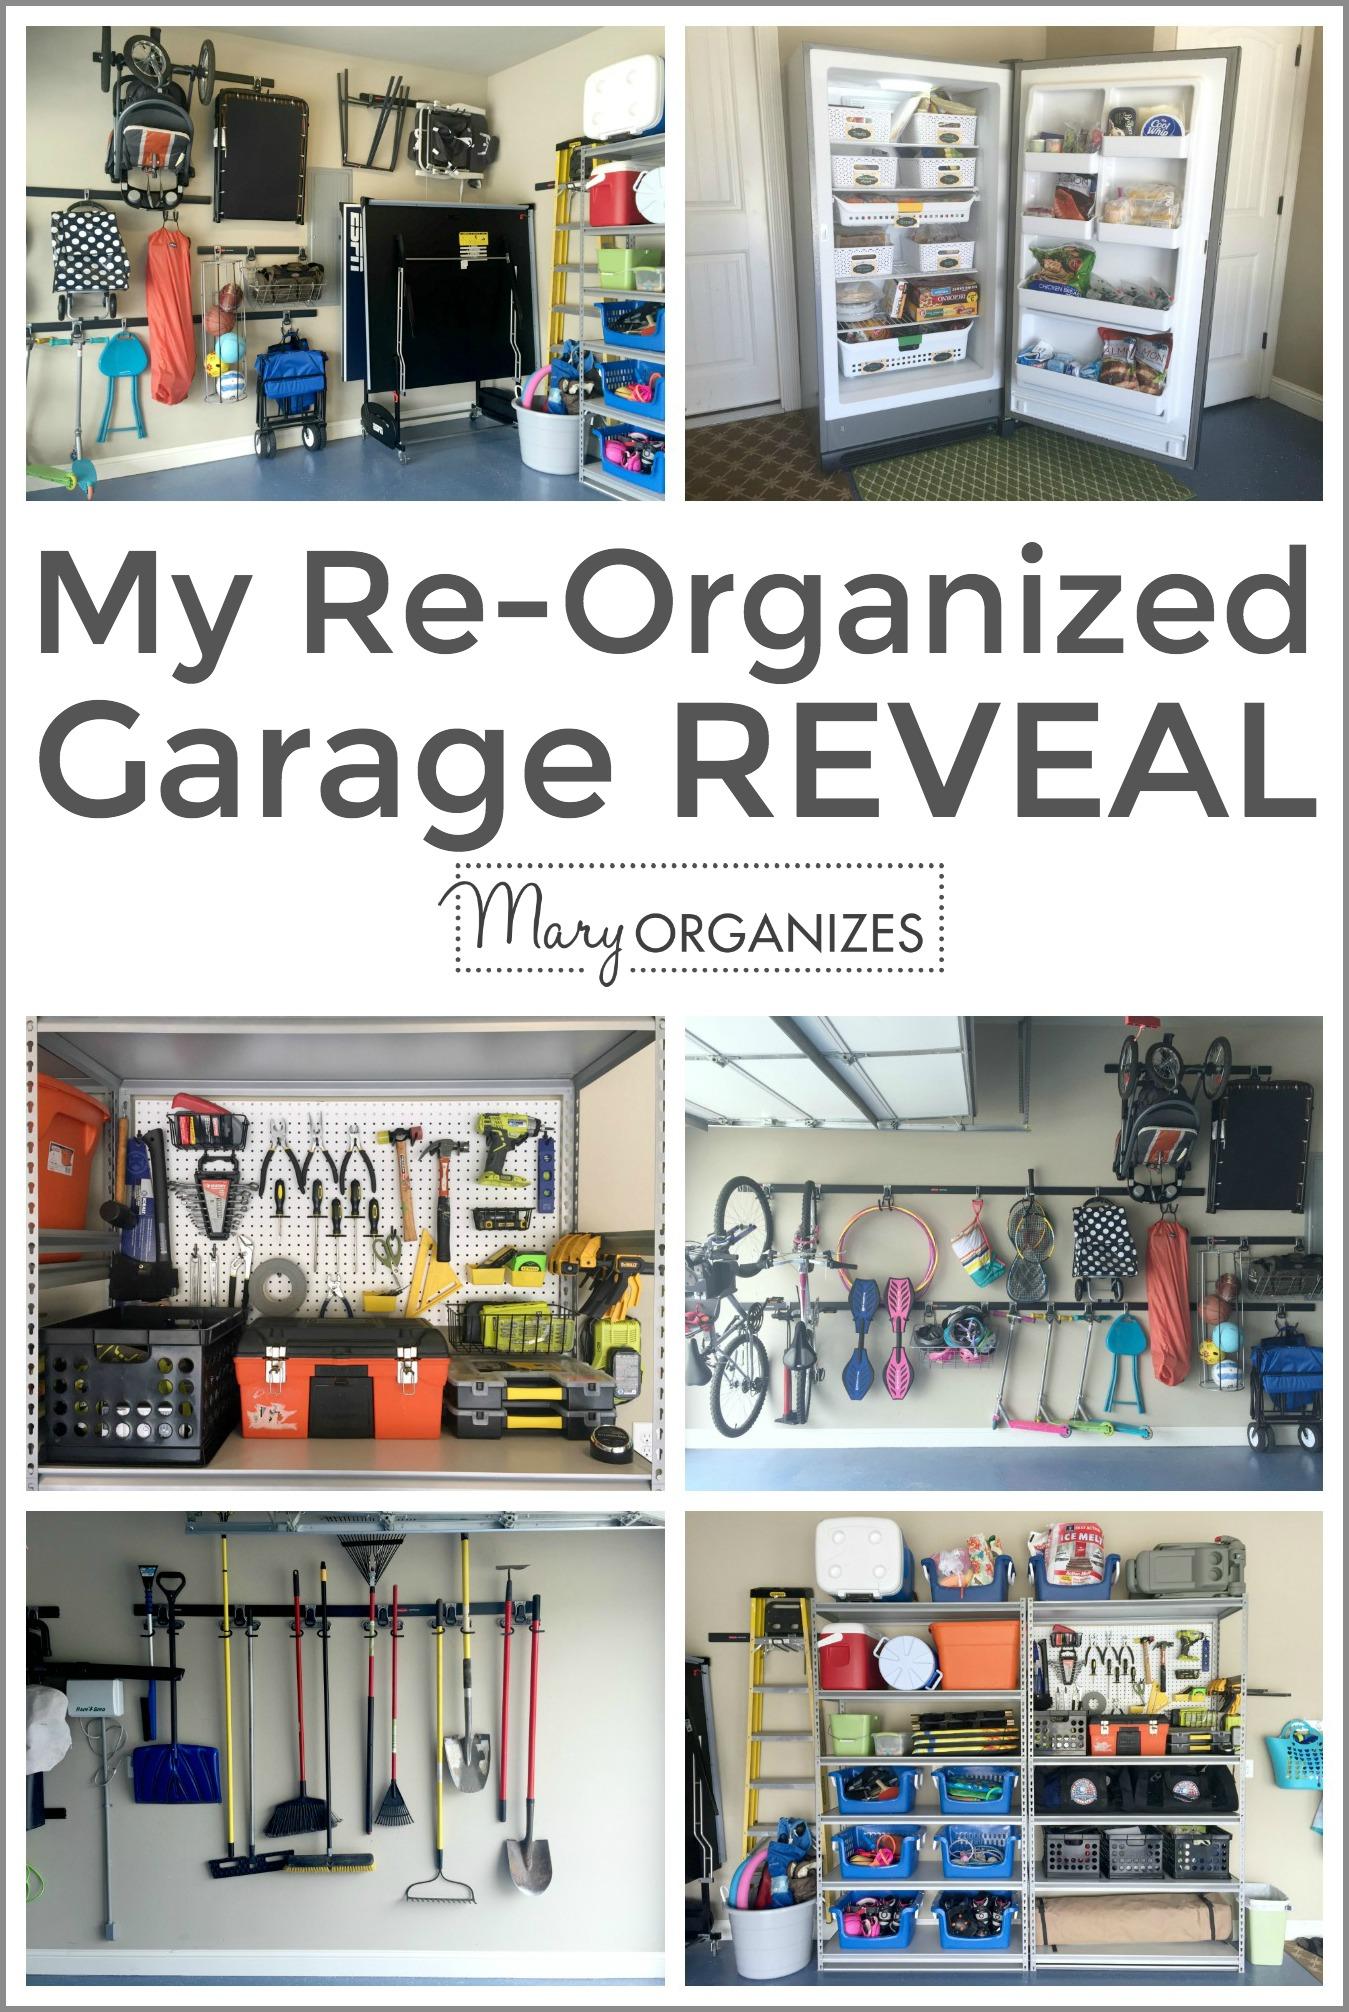 My Re-Organized Garage Reveal -v